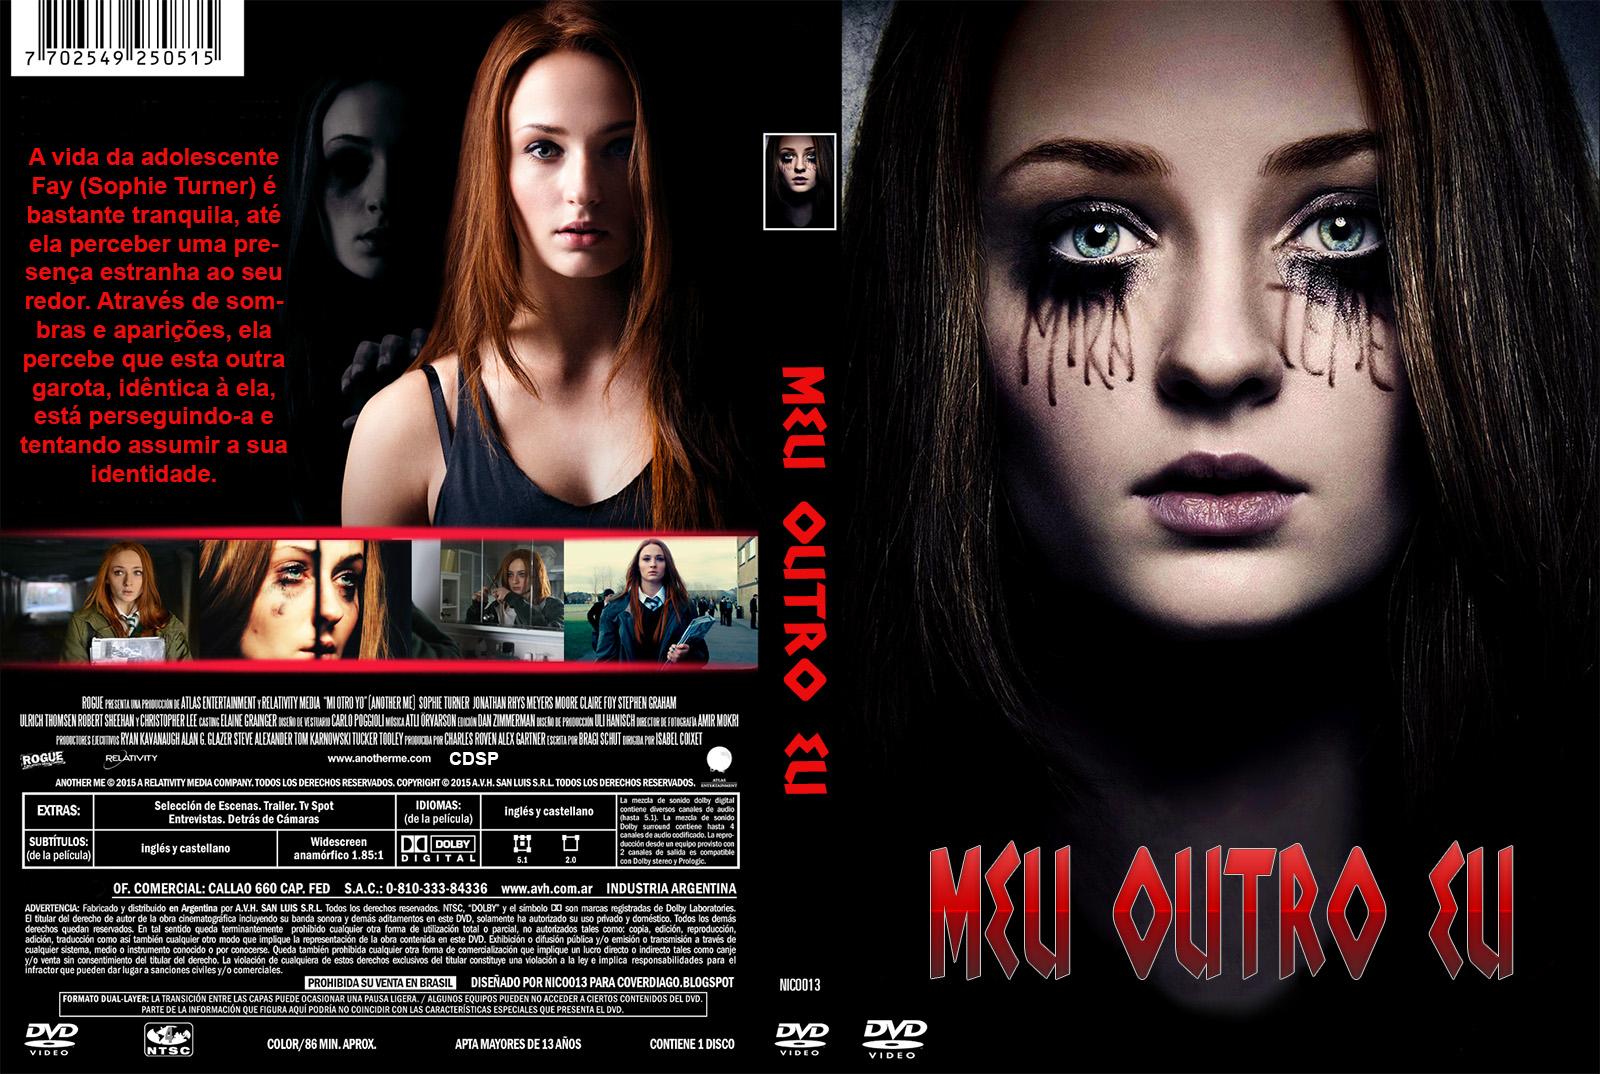 Download Meu Outro Eu BDRip XviD Dual Áudio Meu 2BOutro 2BEu 2B  2BCapa 2BFilme 2BDVD